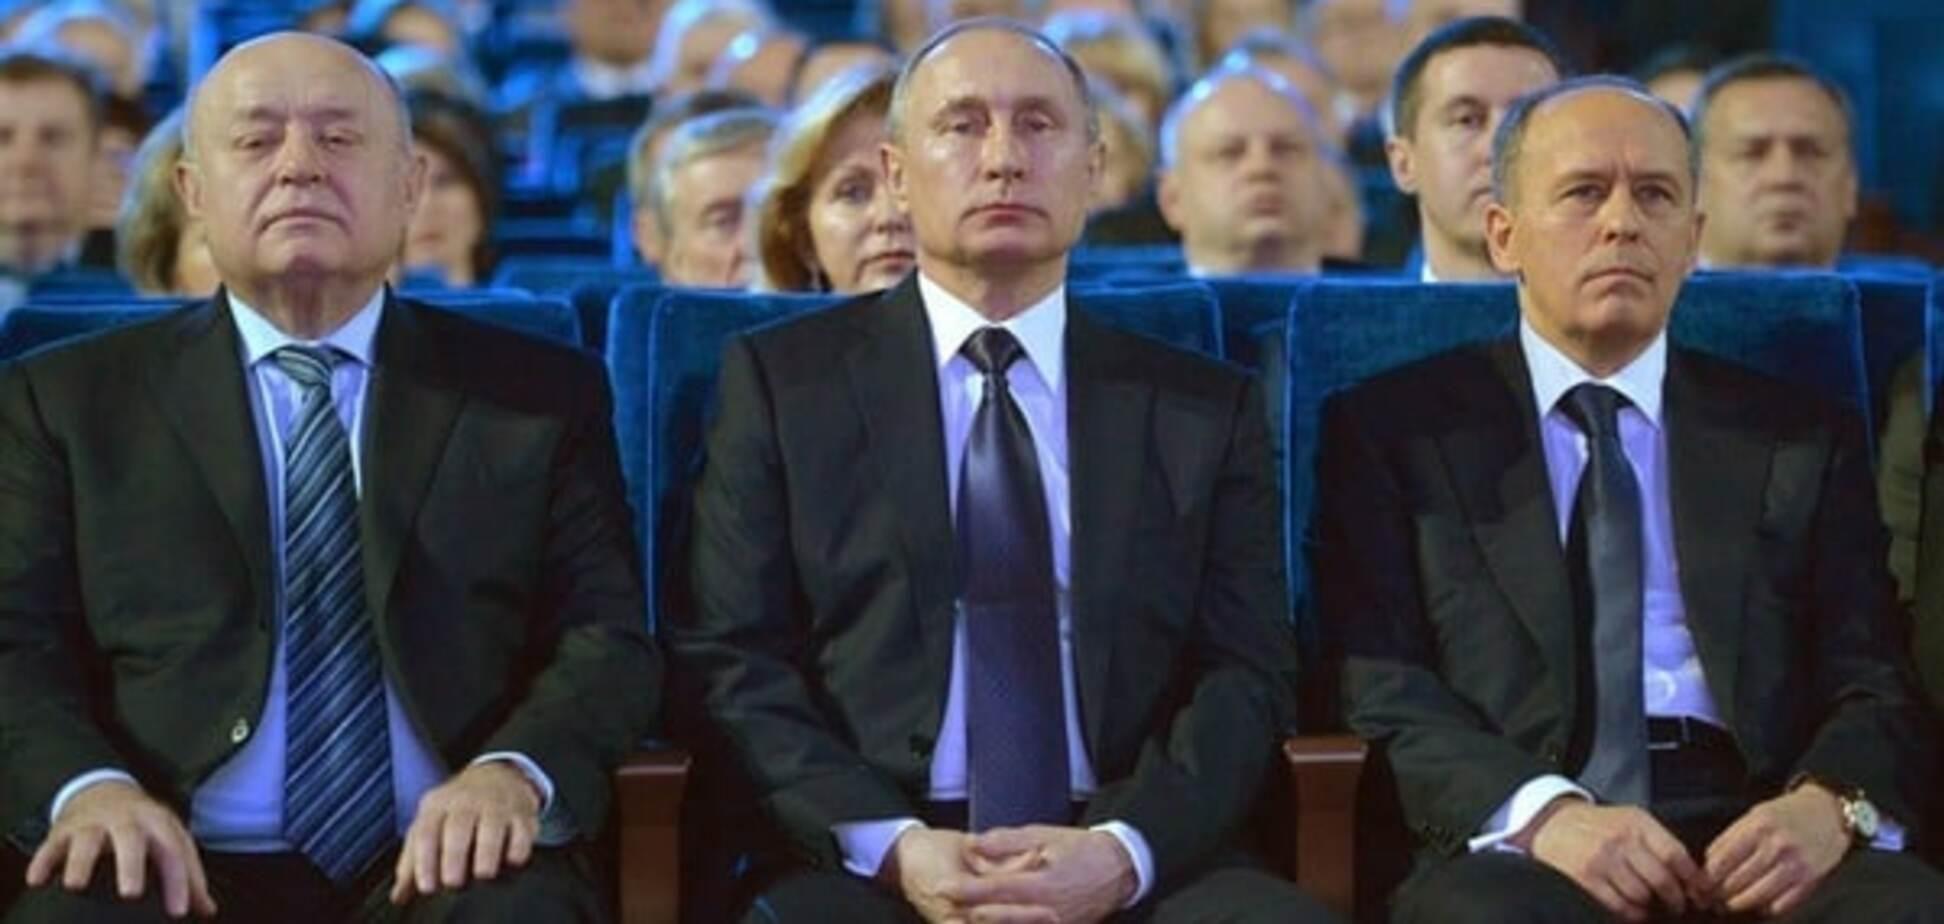 Путін заплатив величезну ціну за вторгнення в Україну, але це ще не кінець - Фельштинський